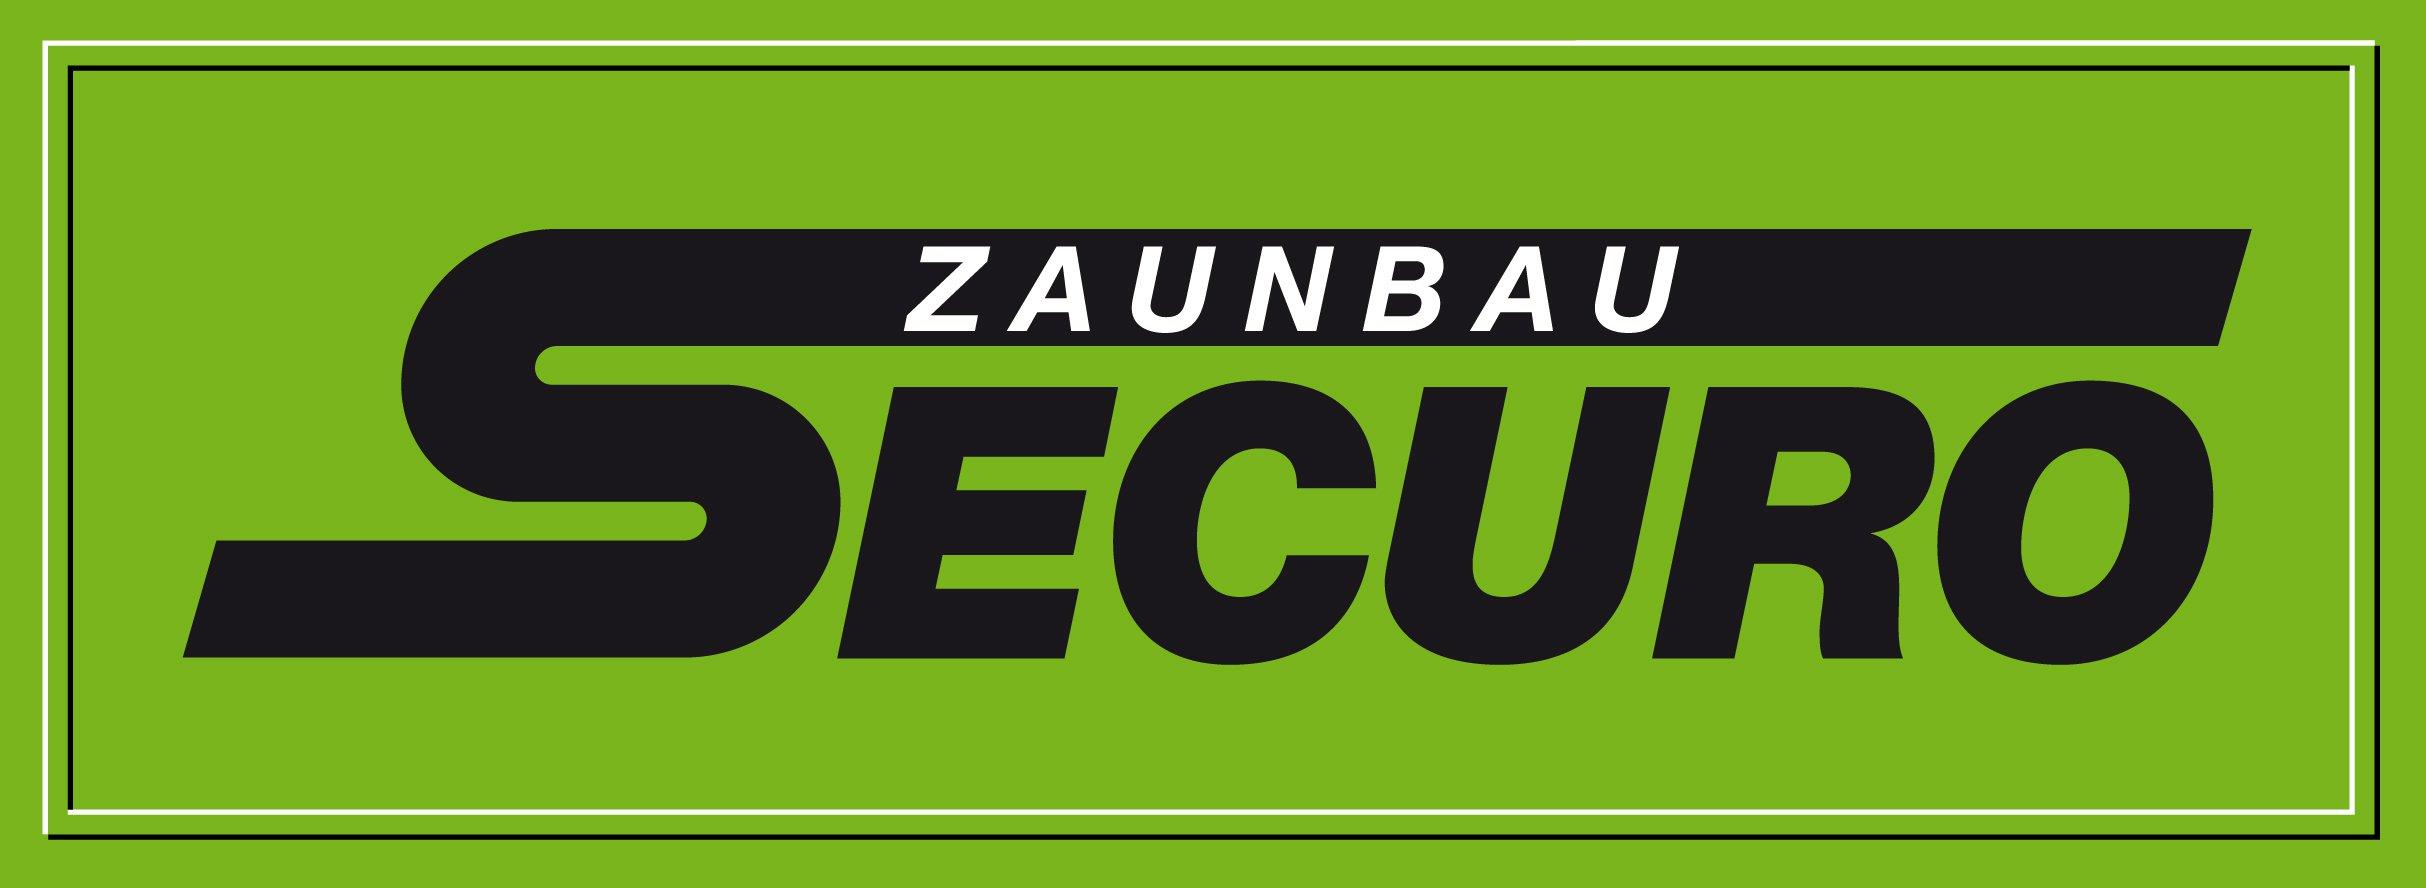 Wildschutzzaun Maschendrahtzaun Designzaun in Perfektion